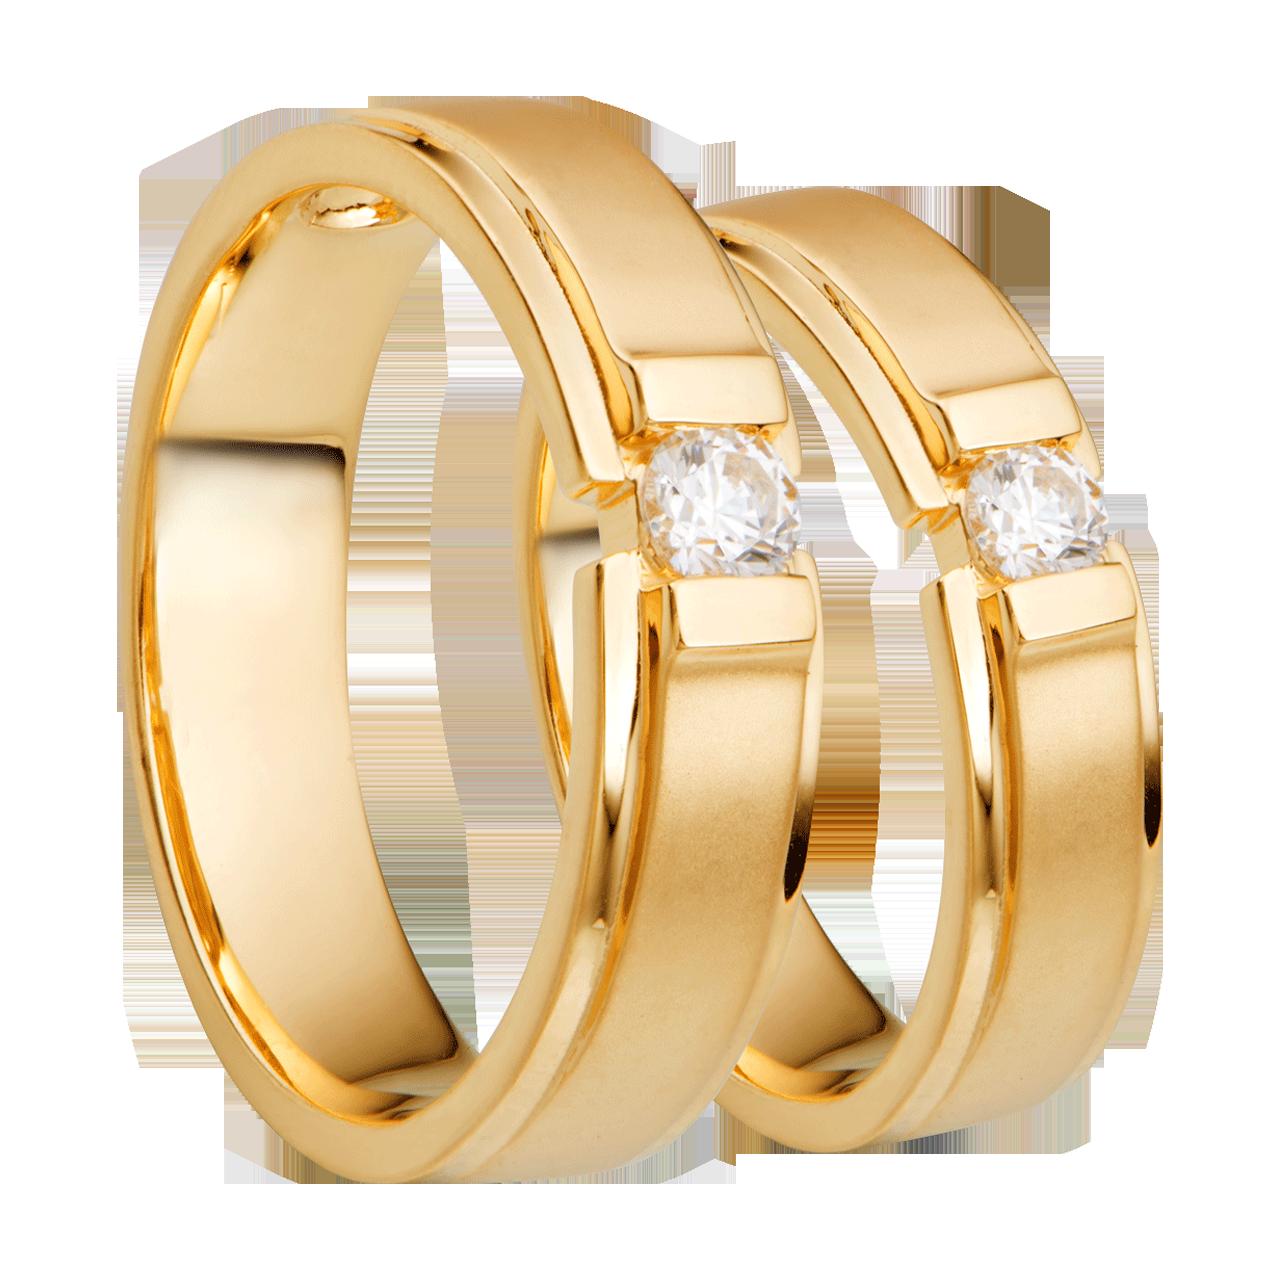 Địa điểm mua nhẫn cưới ở Hà Nội uy tín chất lượng tốt nhất 2019